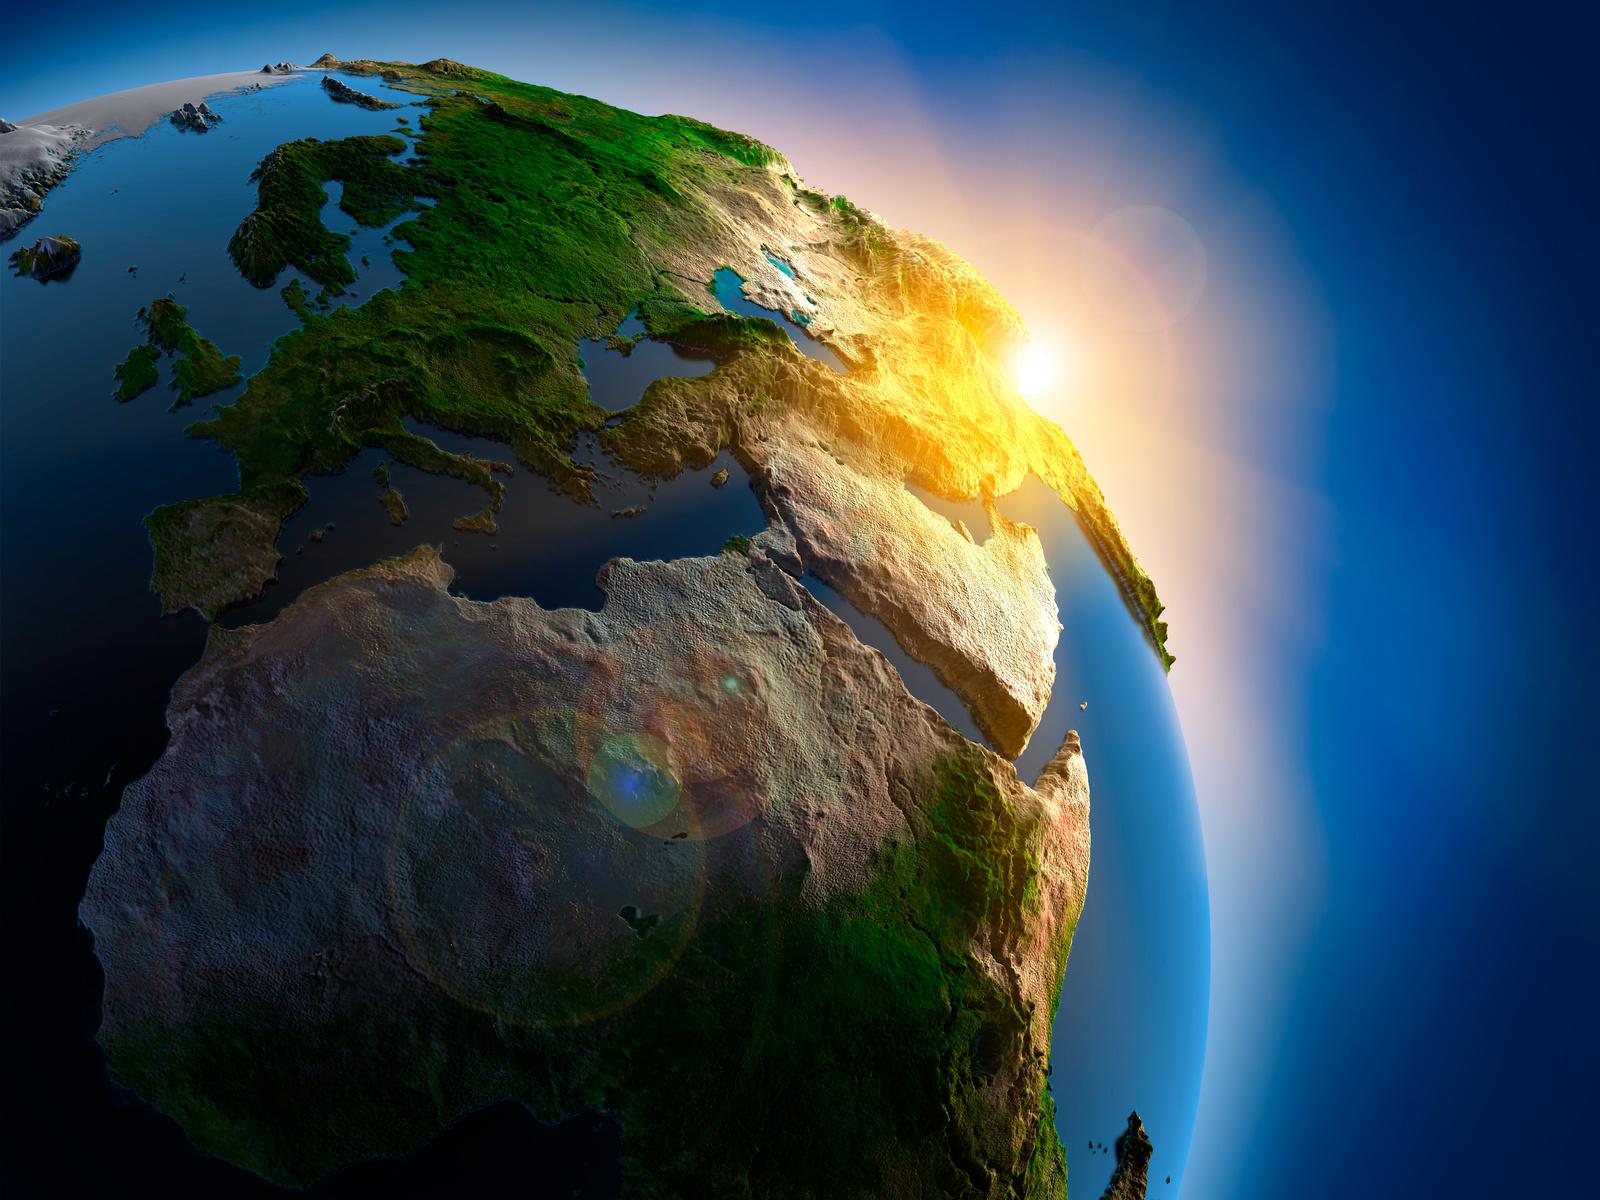 fotos-el-planeta-tierra